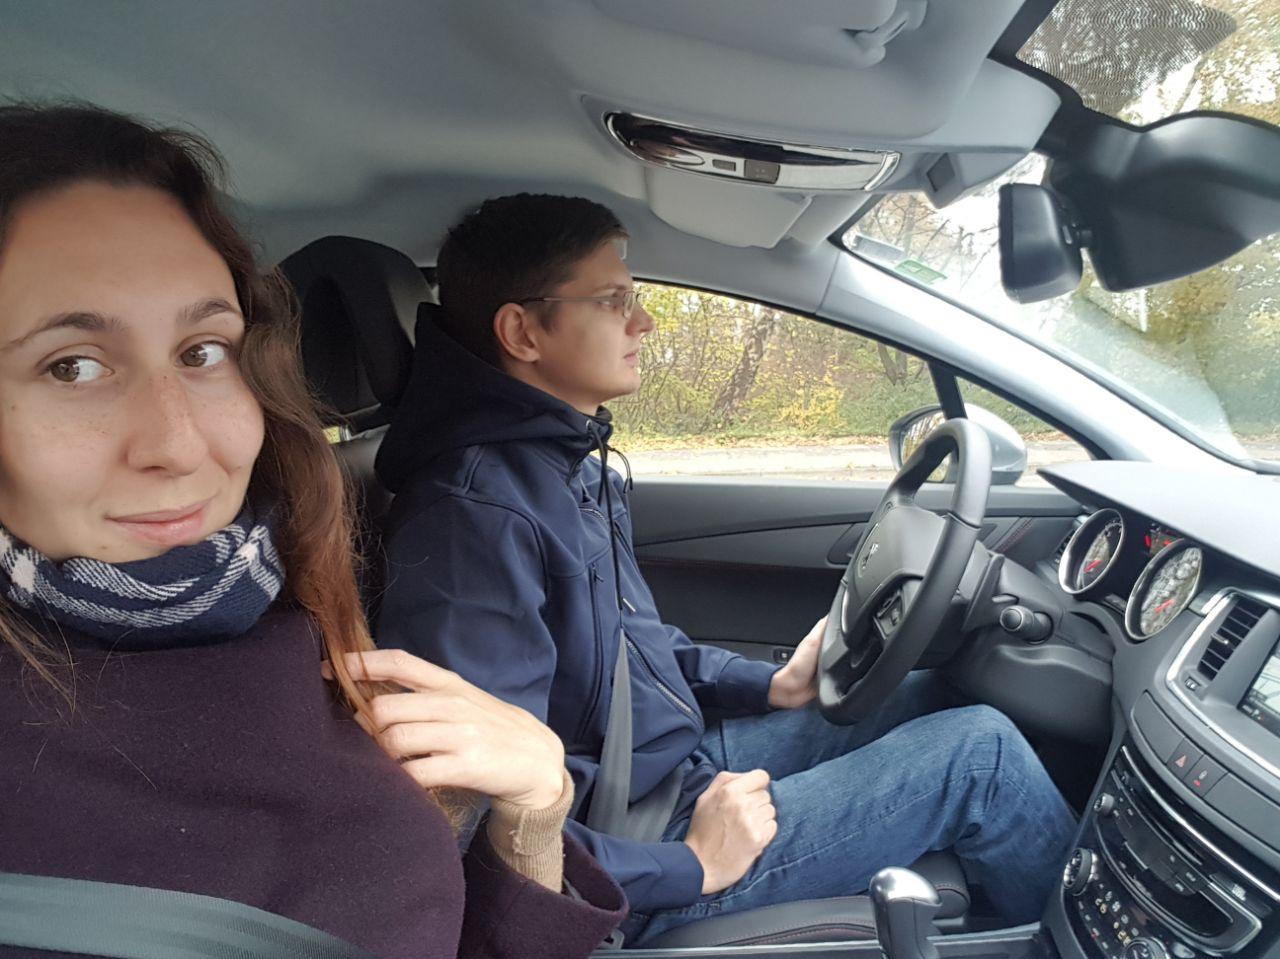 photo from album of Polinka Karlova №3